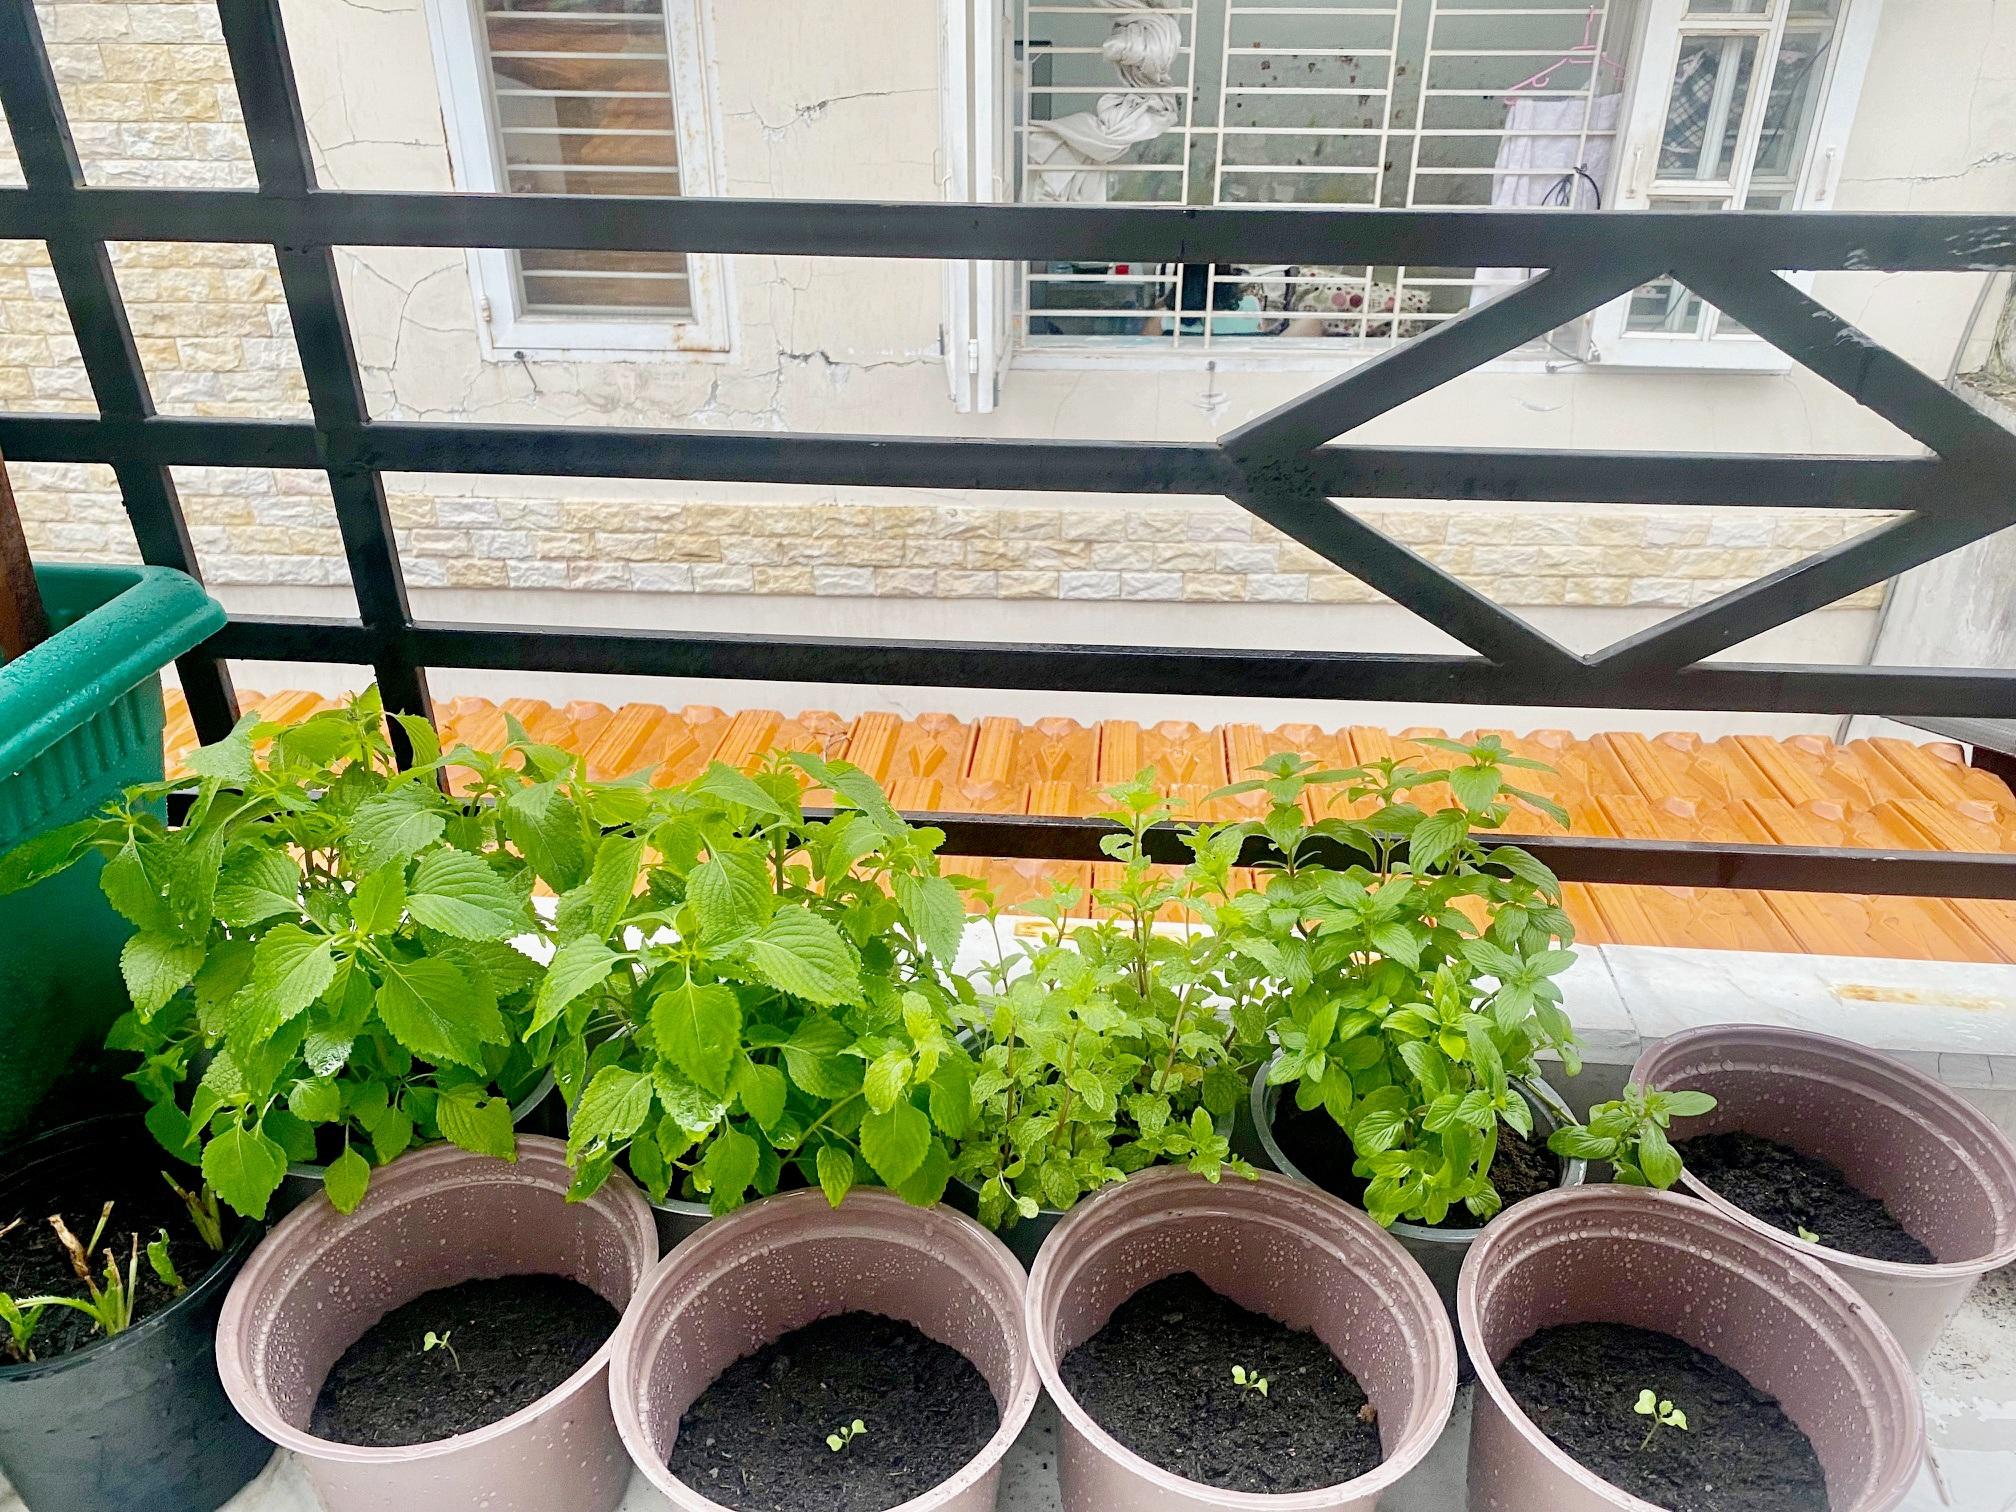 Dân Sài Gòn thích làm vườn mùa dịch, giới kinh doanh cây trồng